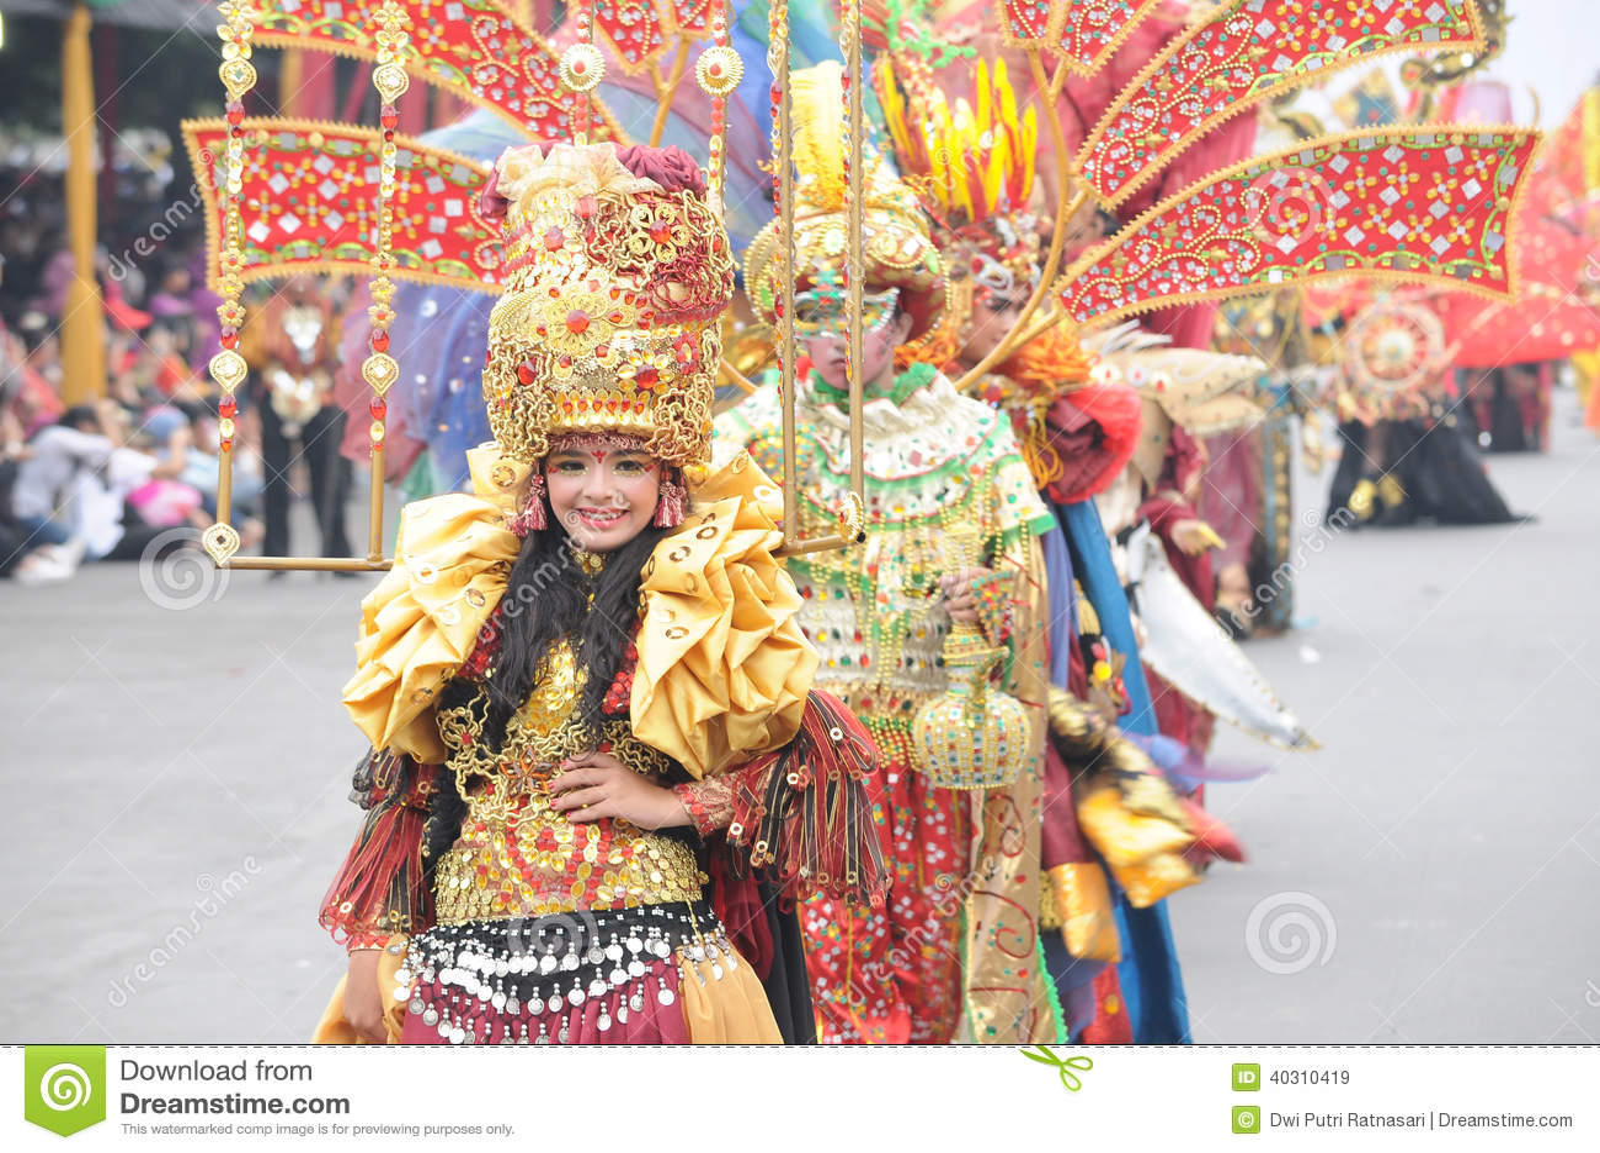 Jember-Mode-Karneval